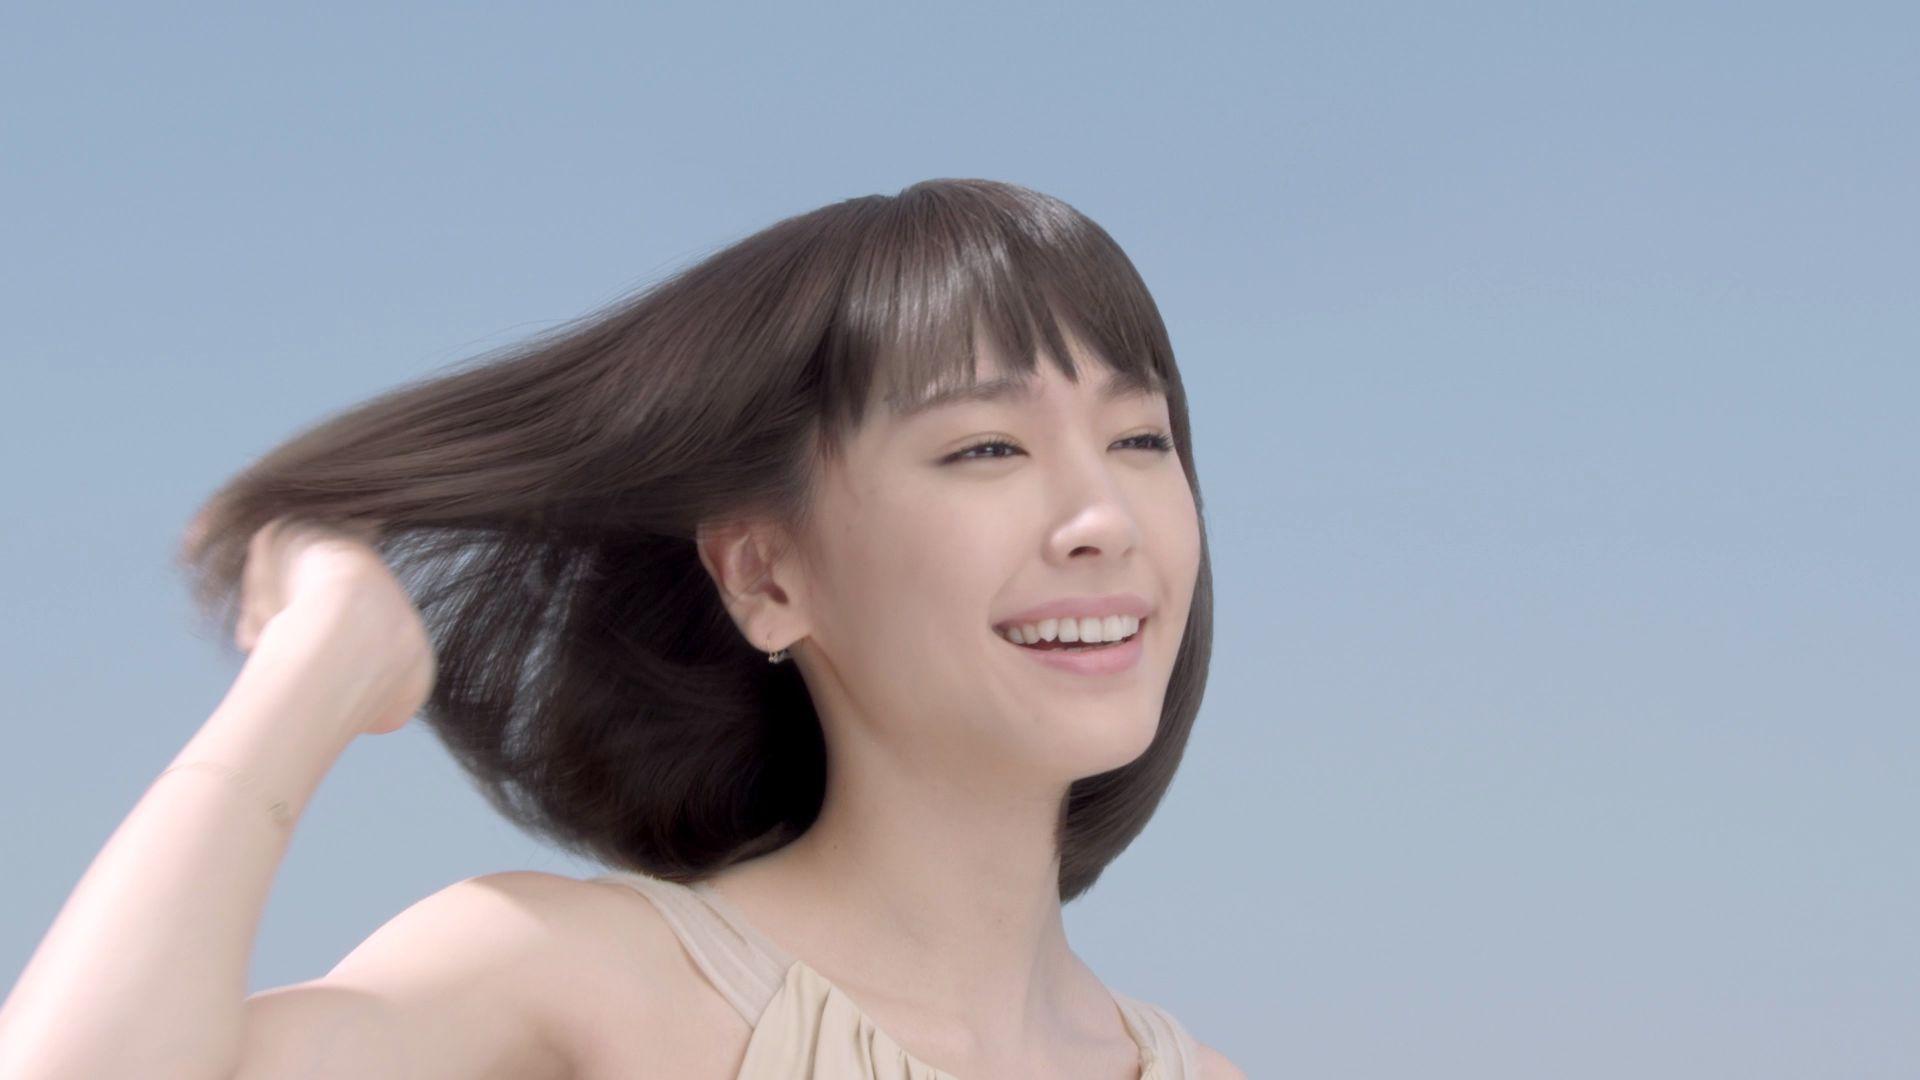 【ヘアケアの方法・コスメ】髪の毛がはやく伸びる方法を知りたい!のサムネイル画像